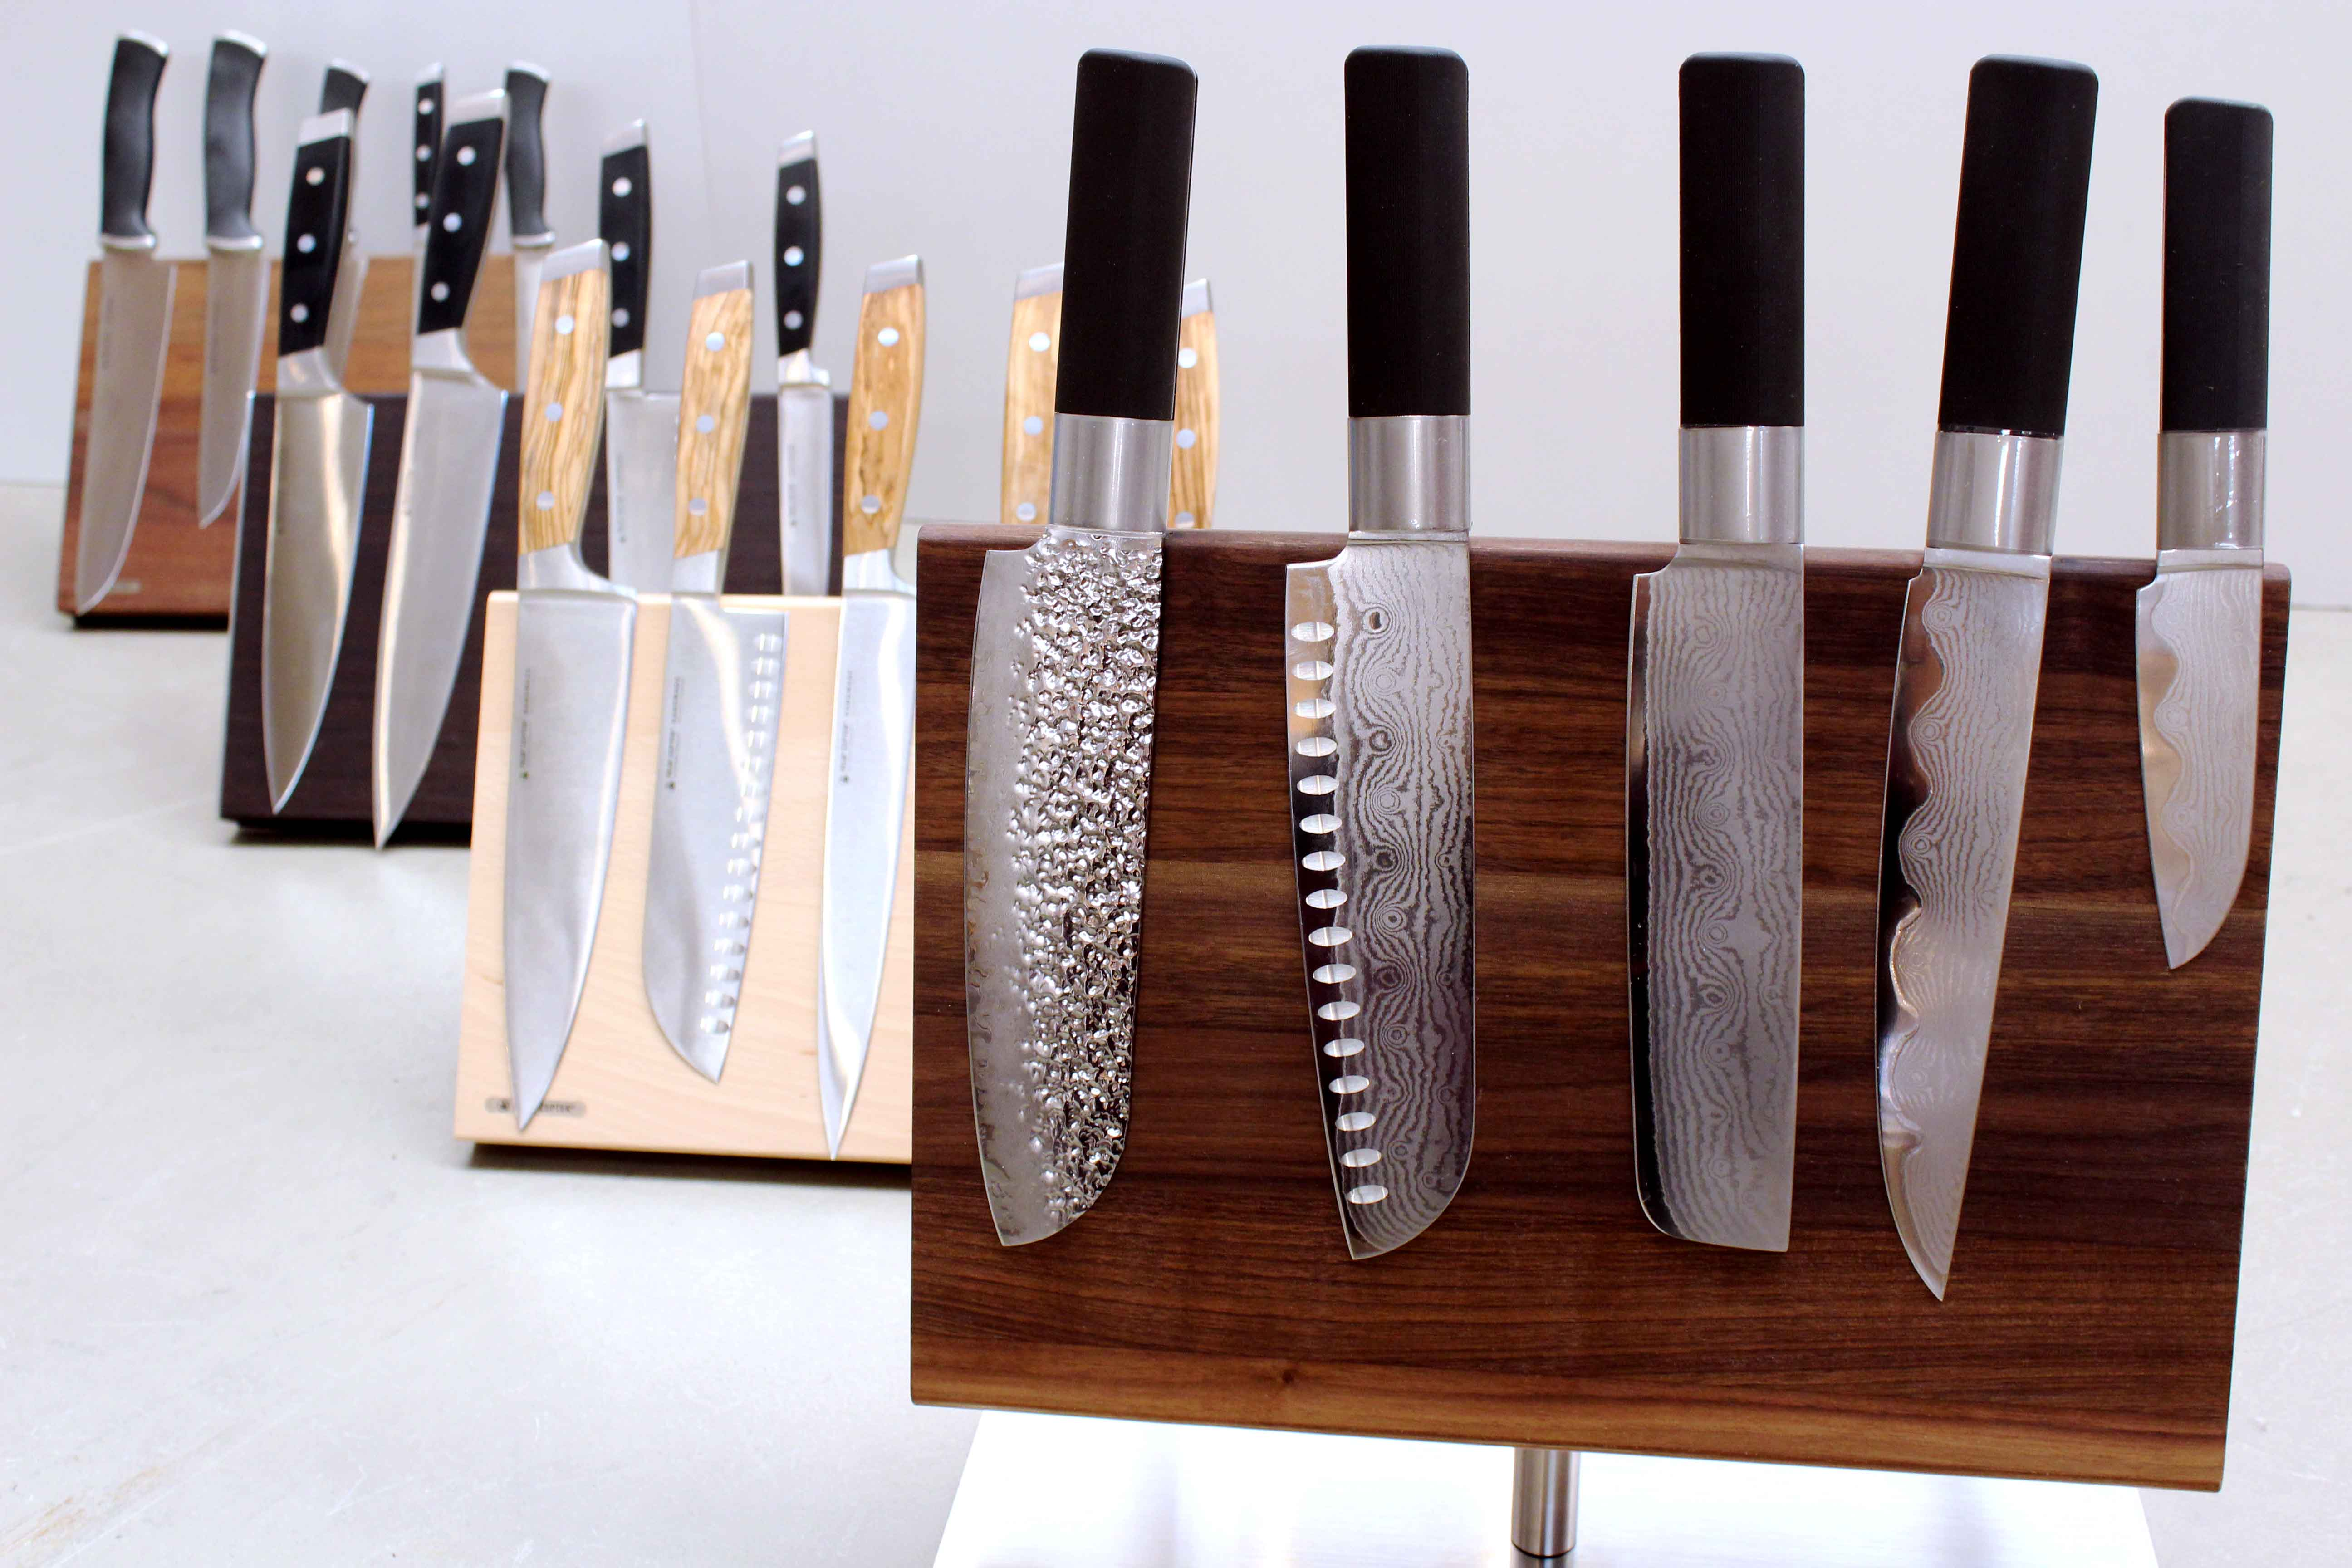 Cuchillos profesionales para cocina